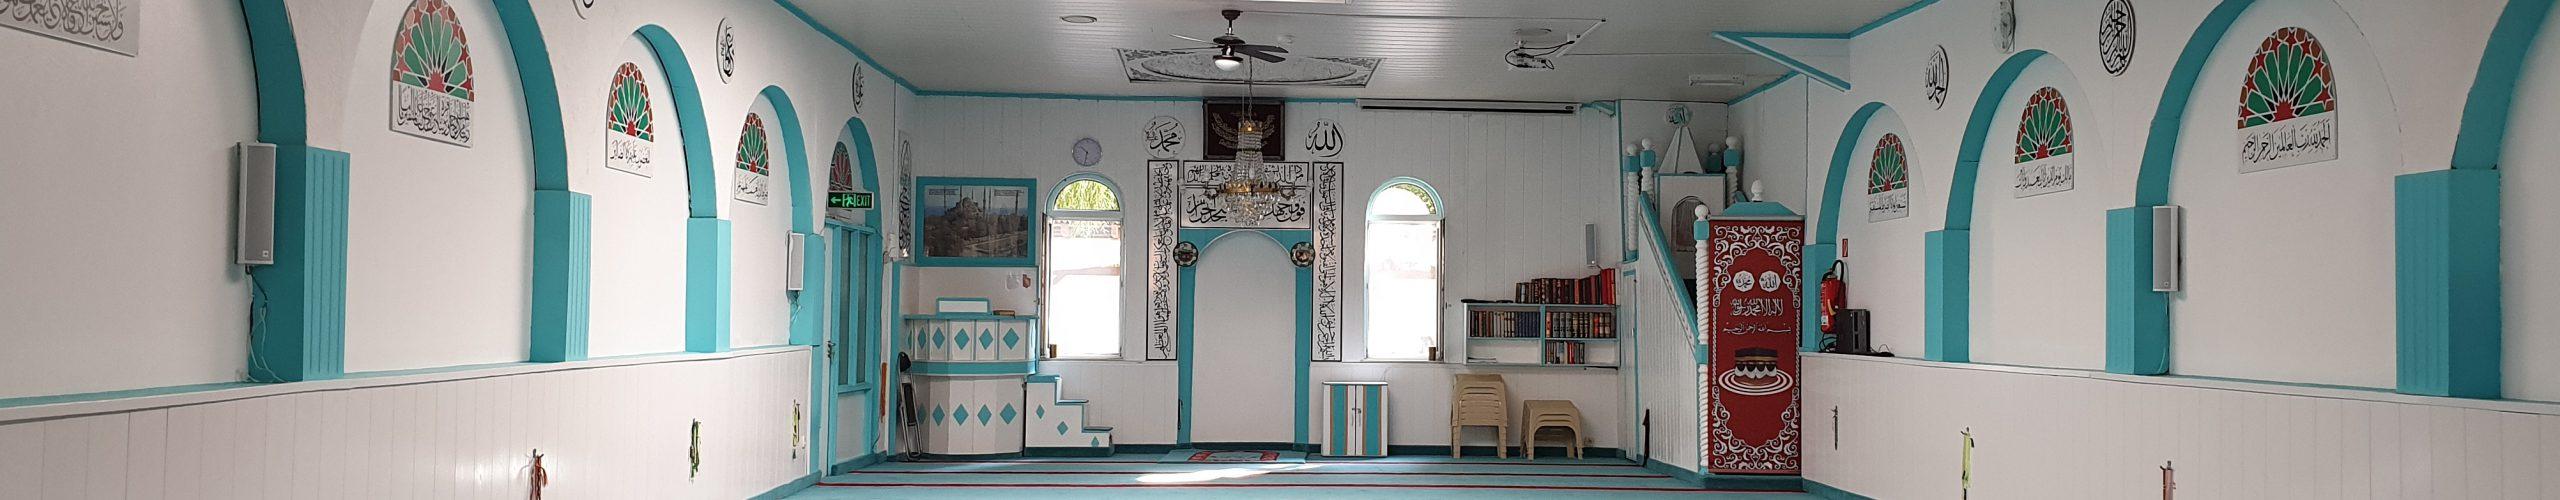 DİTİB Türkisch İslamische Gemeinde zu Rheine e.V.